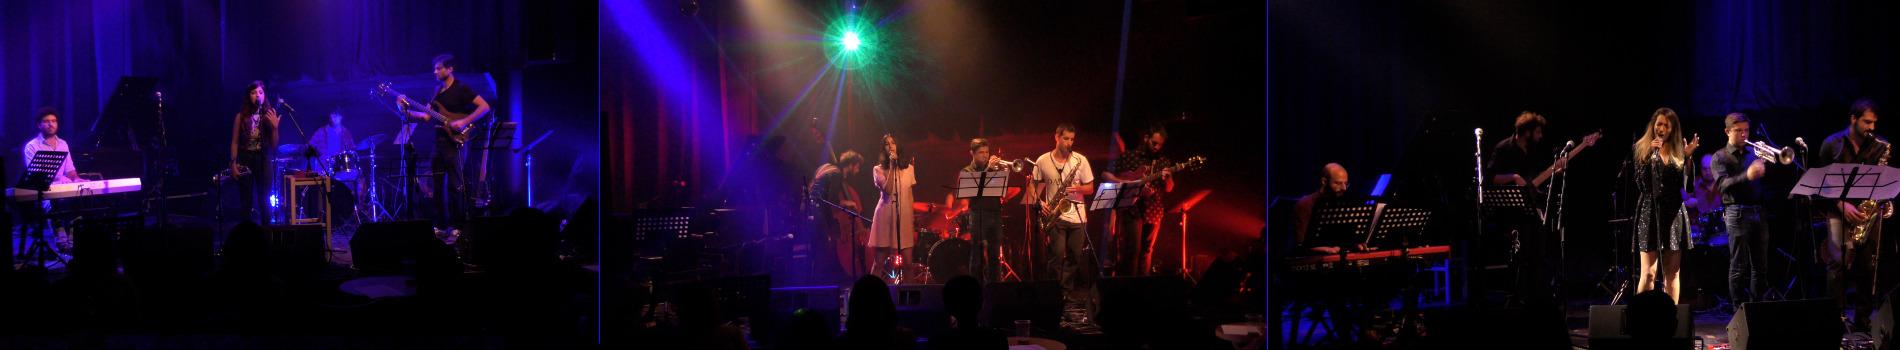 המחלקה לזמרה רב-תחומית